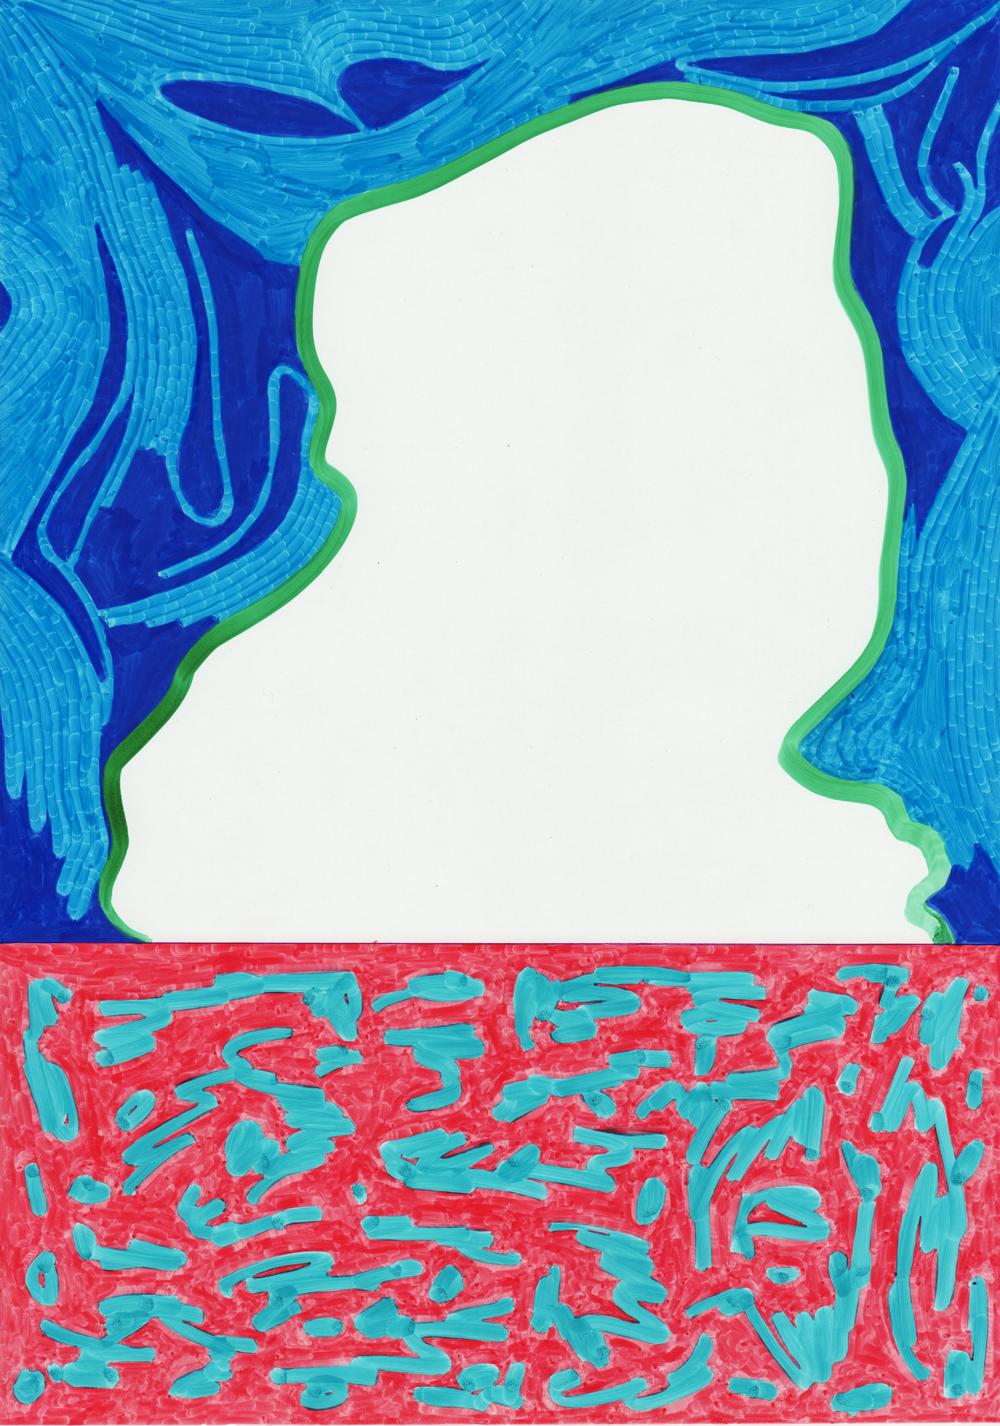 Rayol Sans-titre, 2017. Feutre sur papier. 14,9 x 20,5 cm